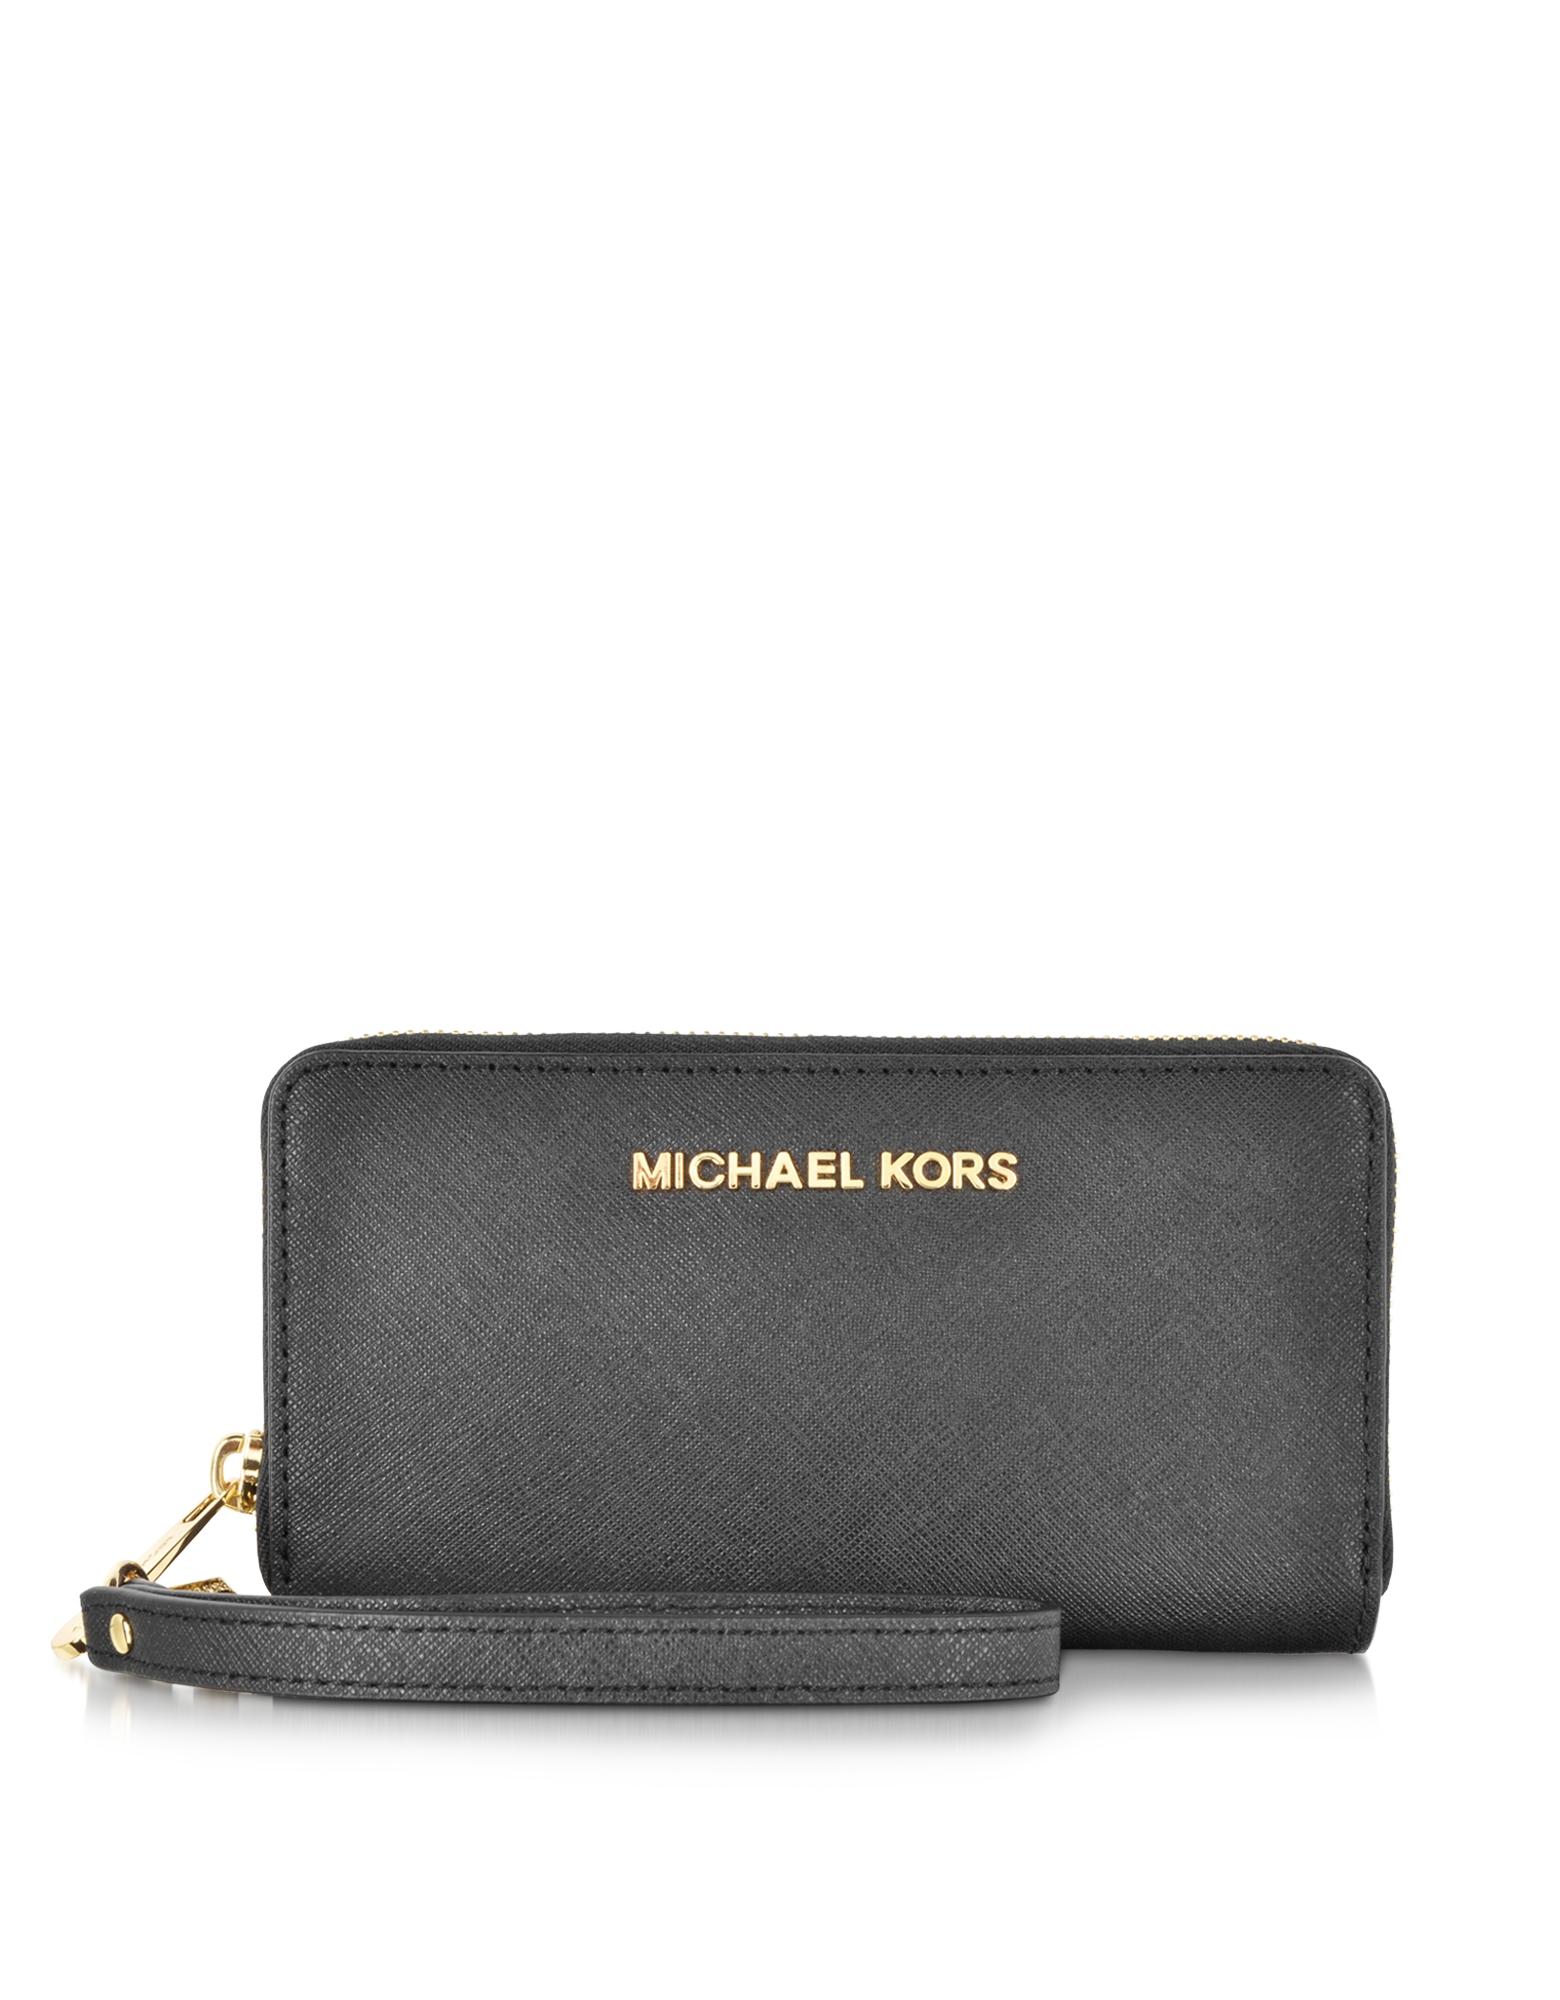 350abc32565d Michael kors Jet Set Travel Black Saffiano Leather Tech Continental Wallet  in Multicolor (black .